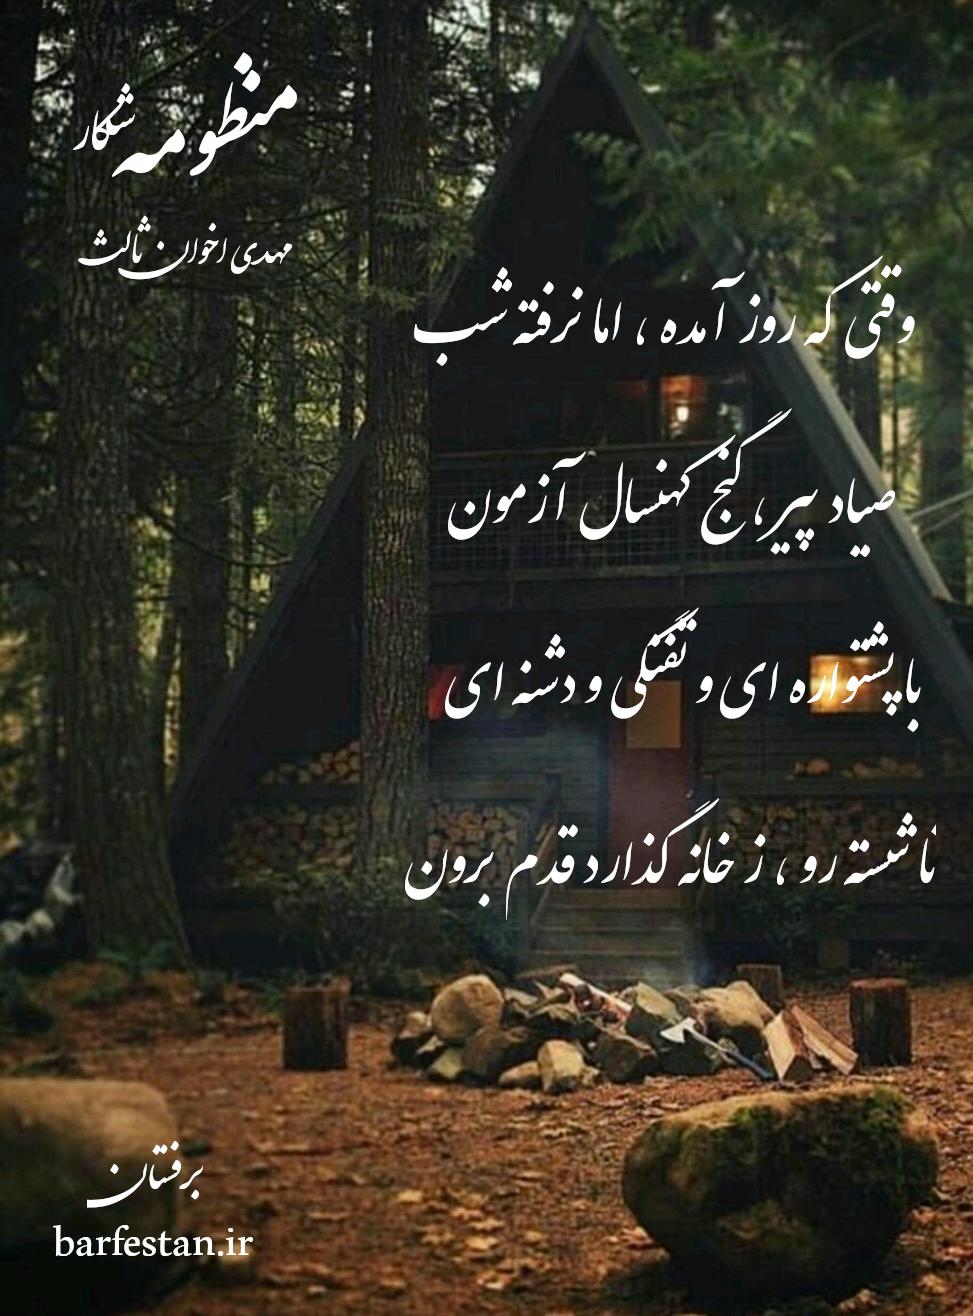 برفستان؛دمی با شاعران(مهدی اخوان ثالث)قسمت هفتم